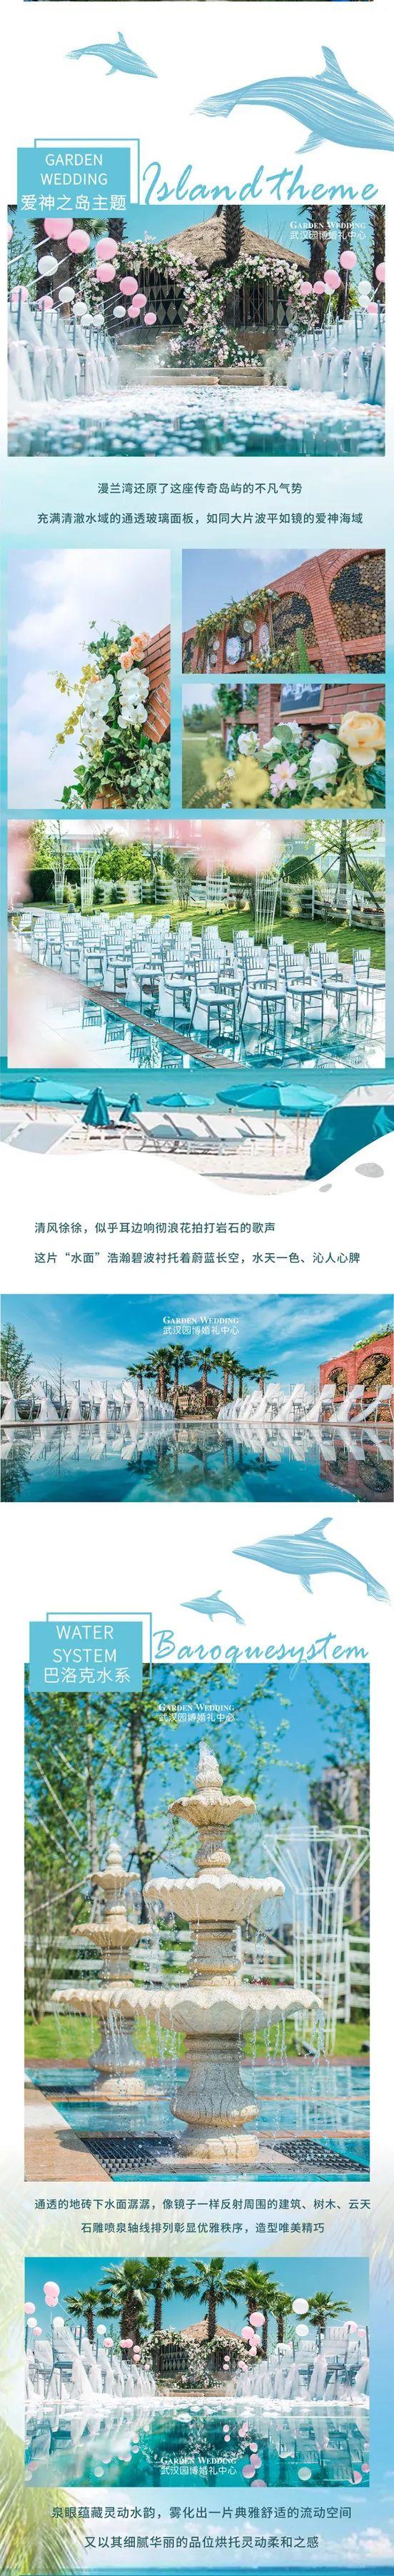 婚礼堂发布:8大场地!华中地区园林式宴会领军者  第20张